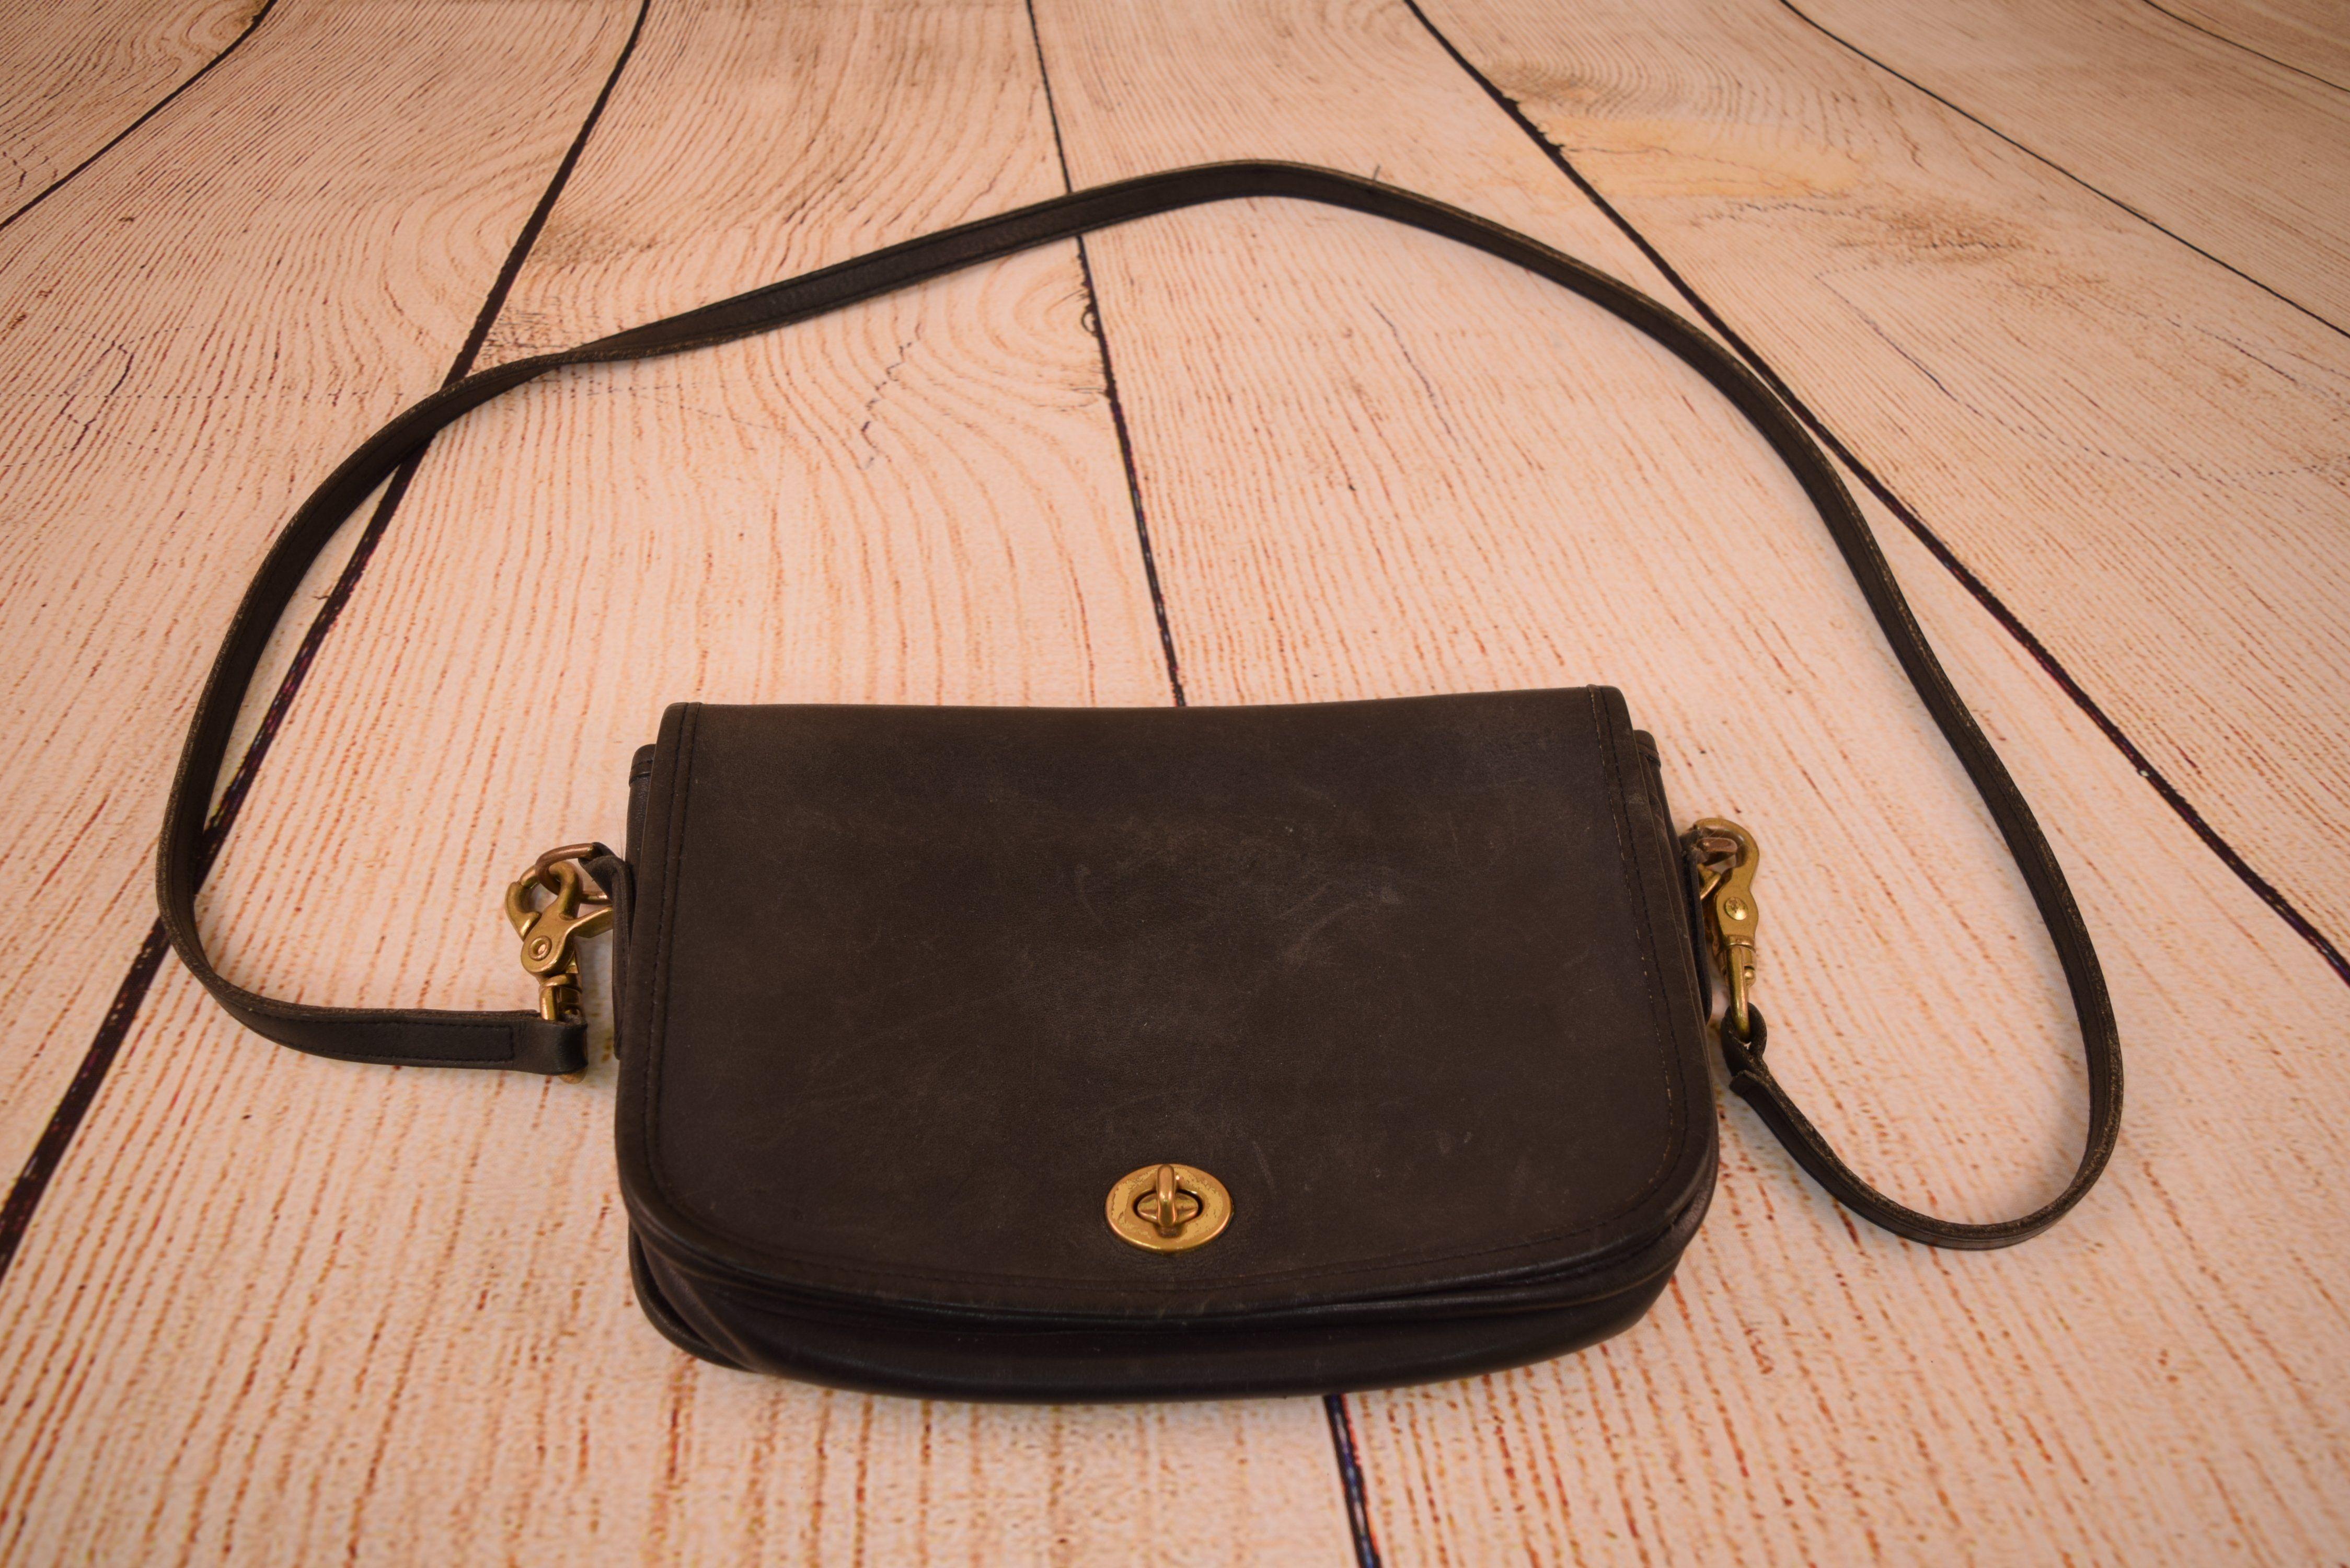 Vintage Coach Black Leather Purse 0158-343